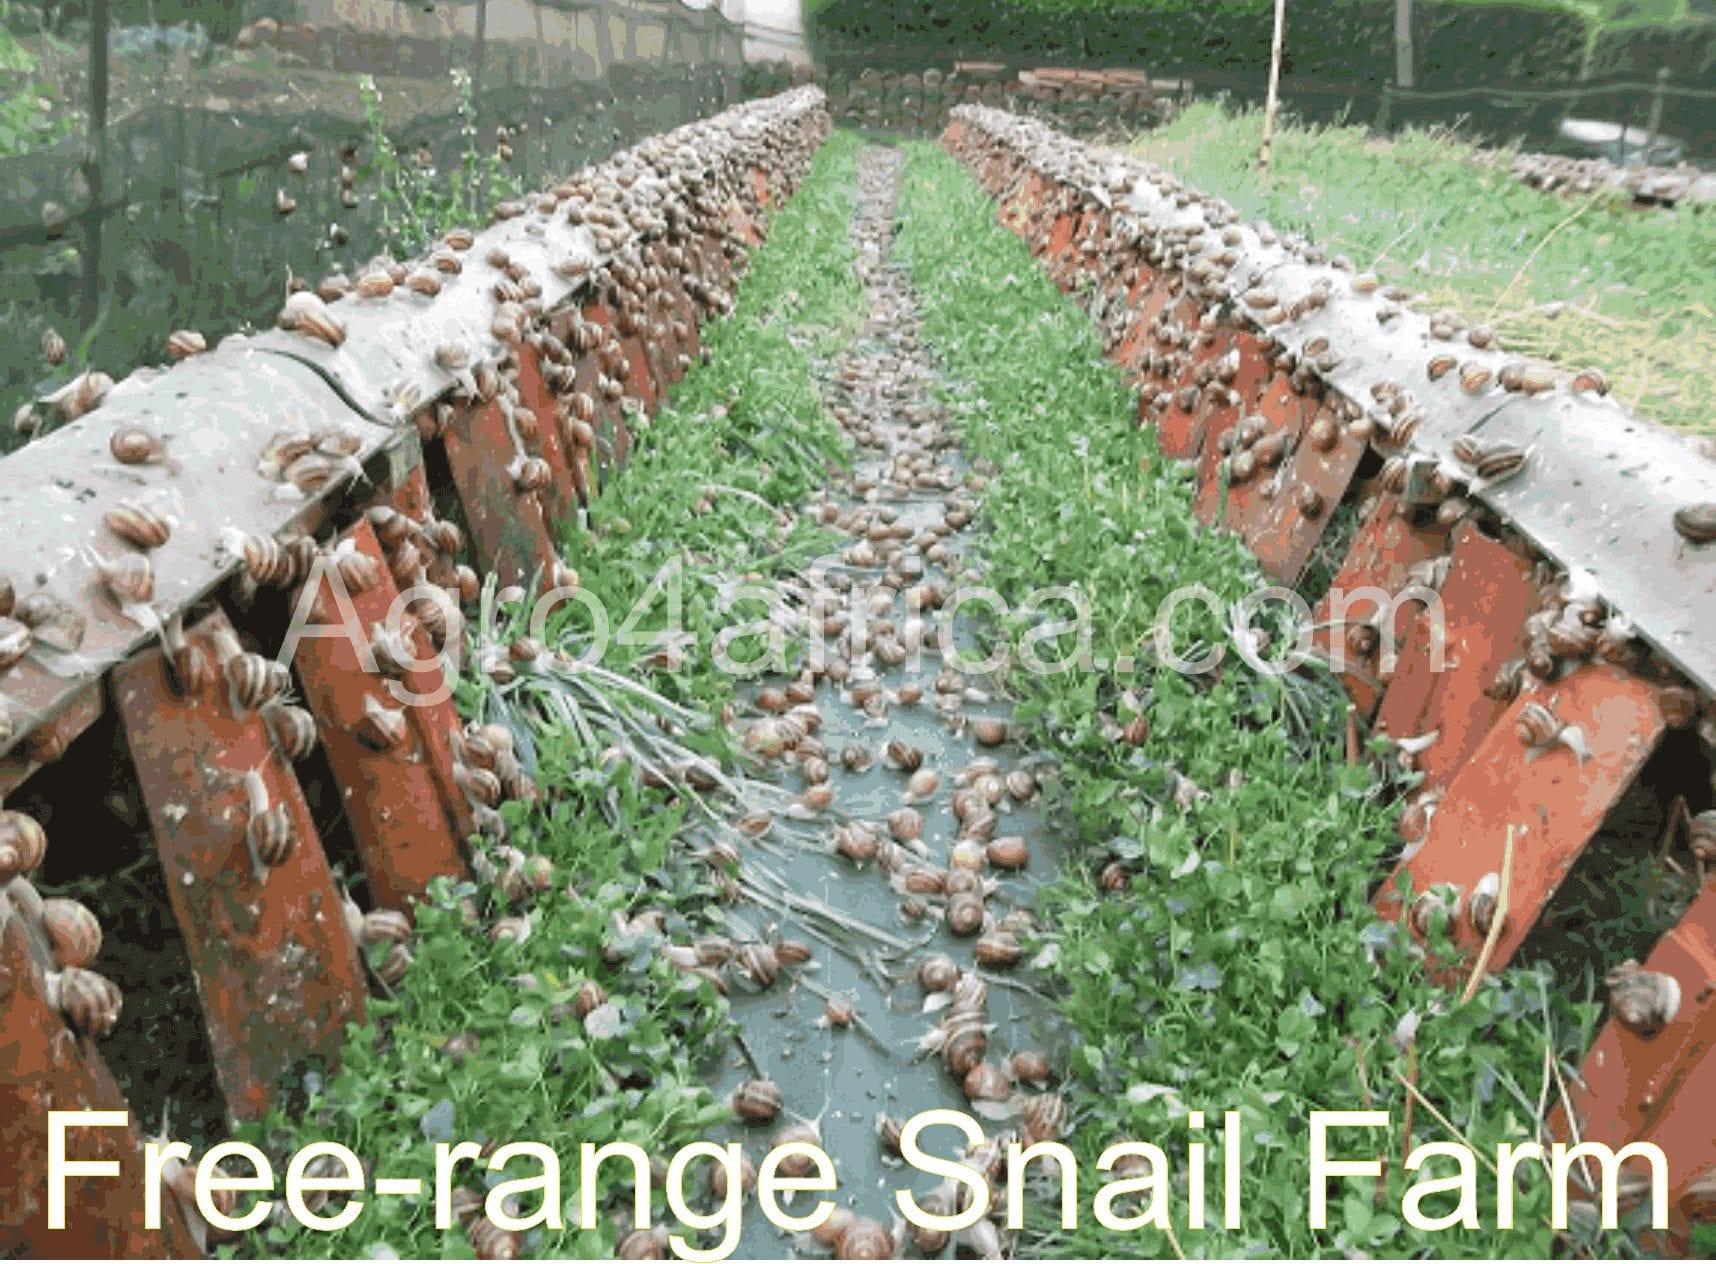 snail housing/free range snail farm